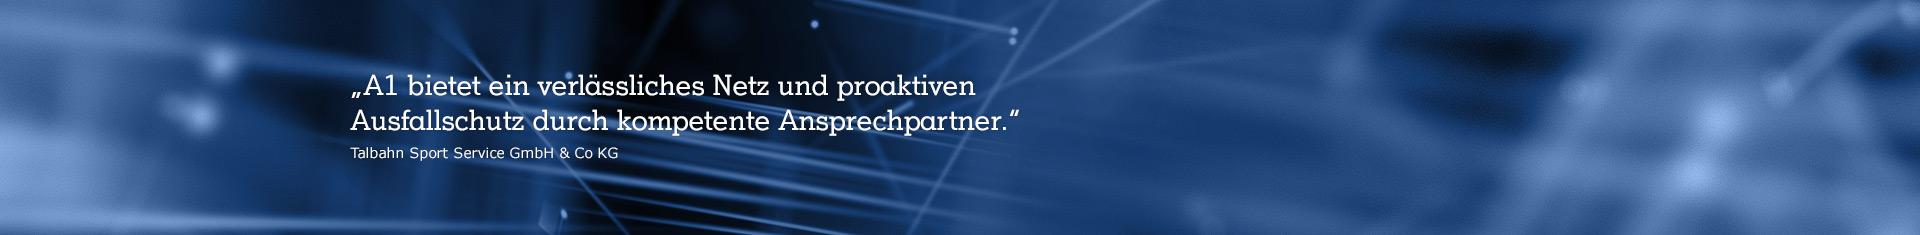 A1 bietet ein verlässliches Netz und proaktiven Ausfallschutz durch kompetente Ansprechpartner.